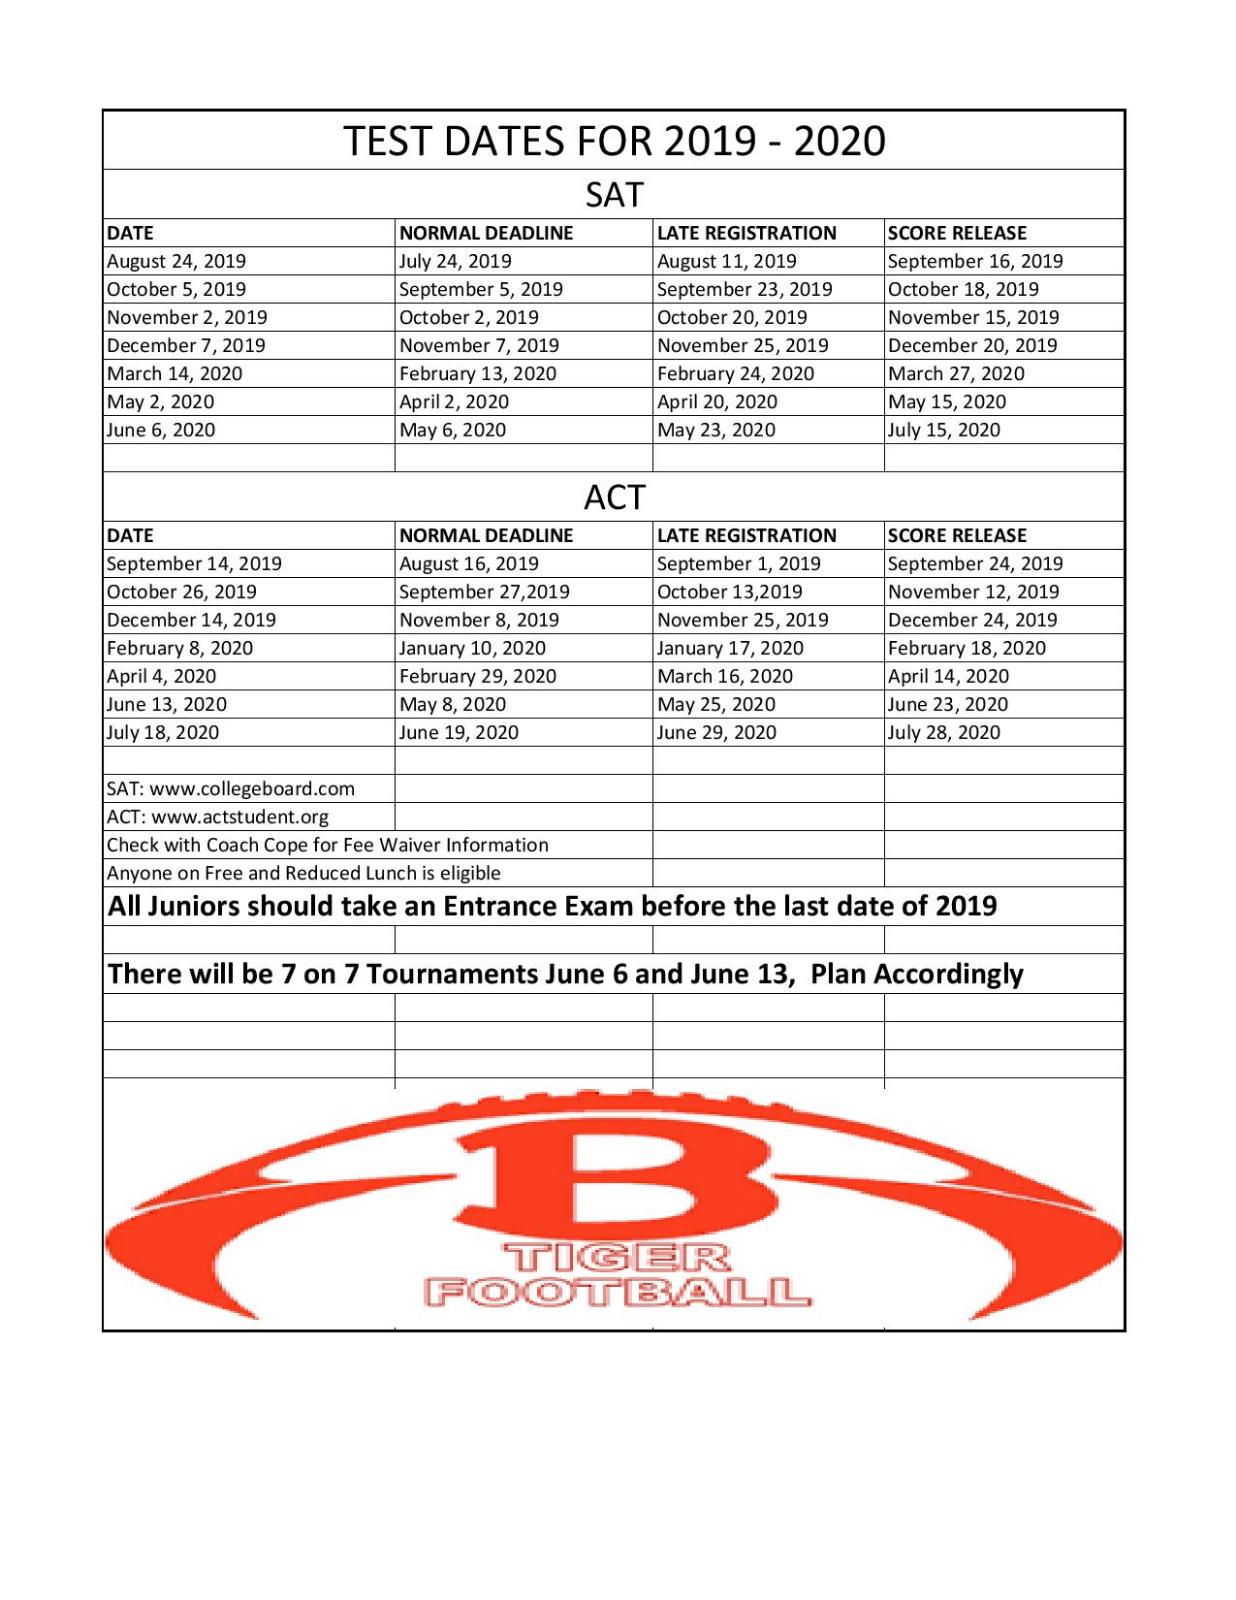 2019-2020 College Bound Test Dates